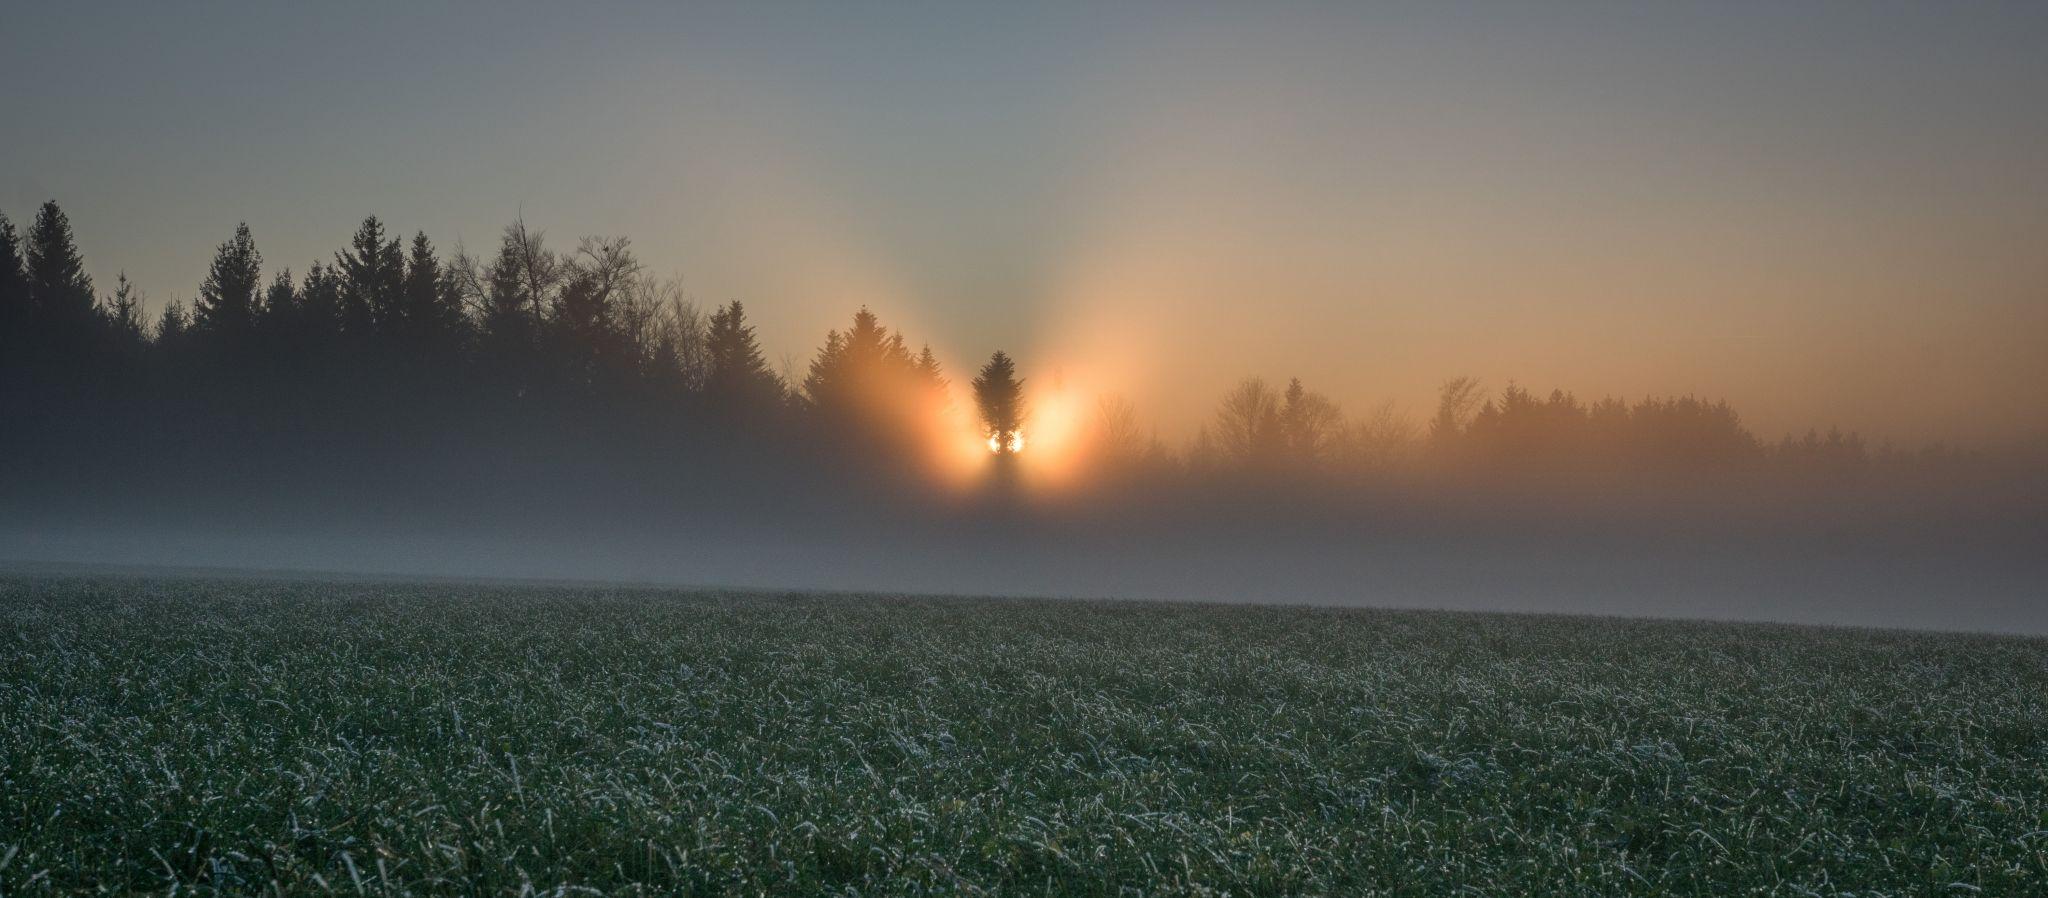 foggy sunset, Switzerland